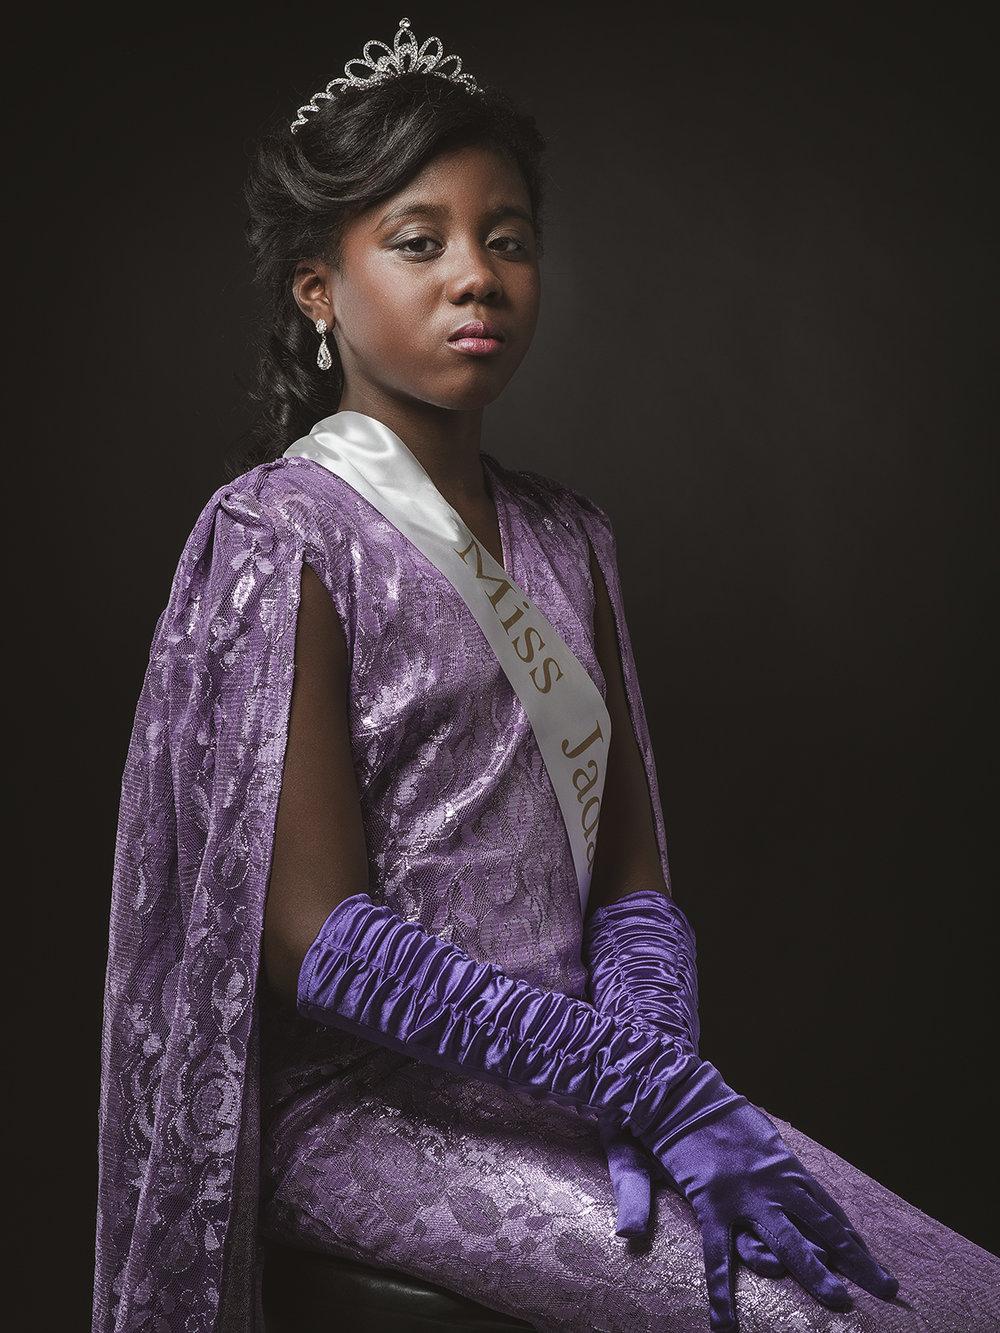 Jada, aged 11